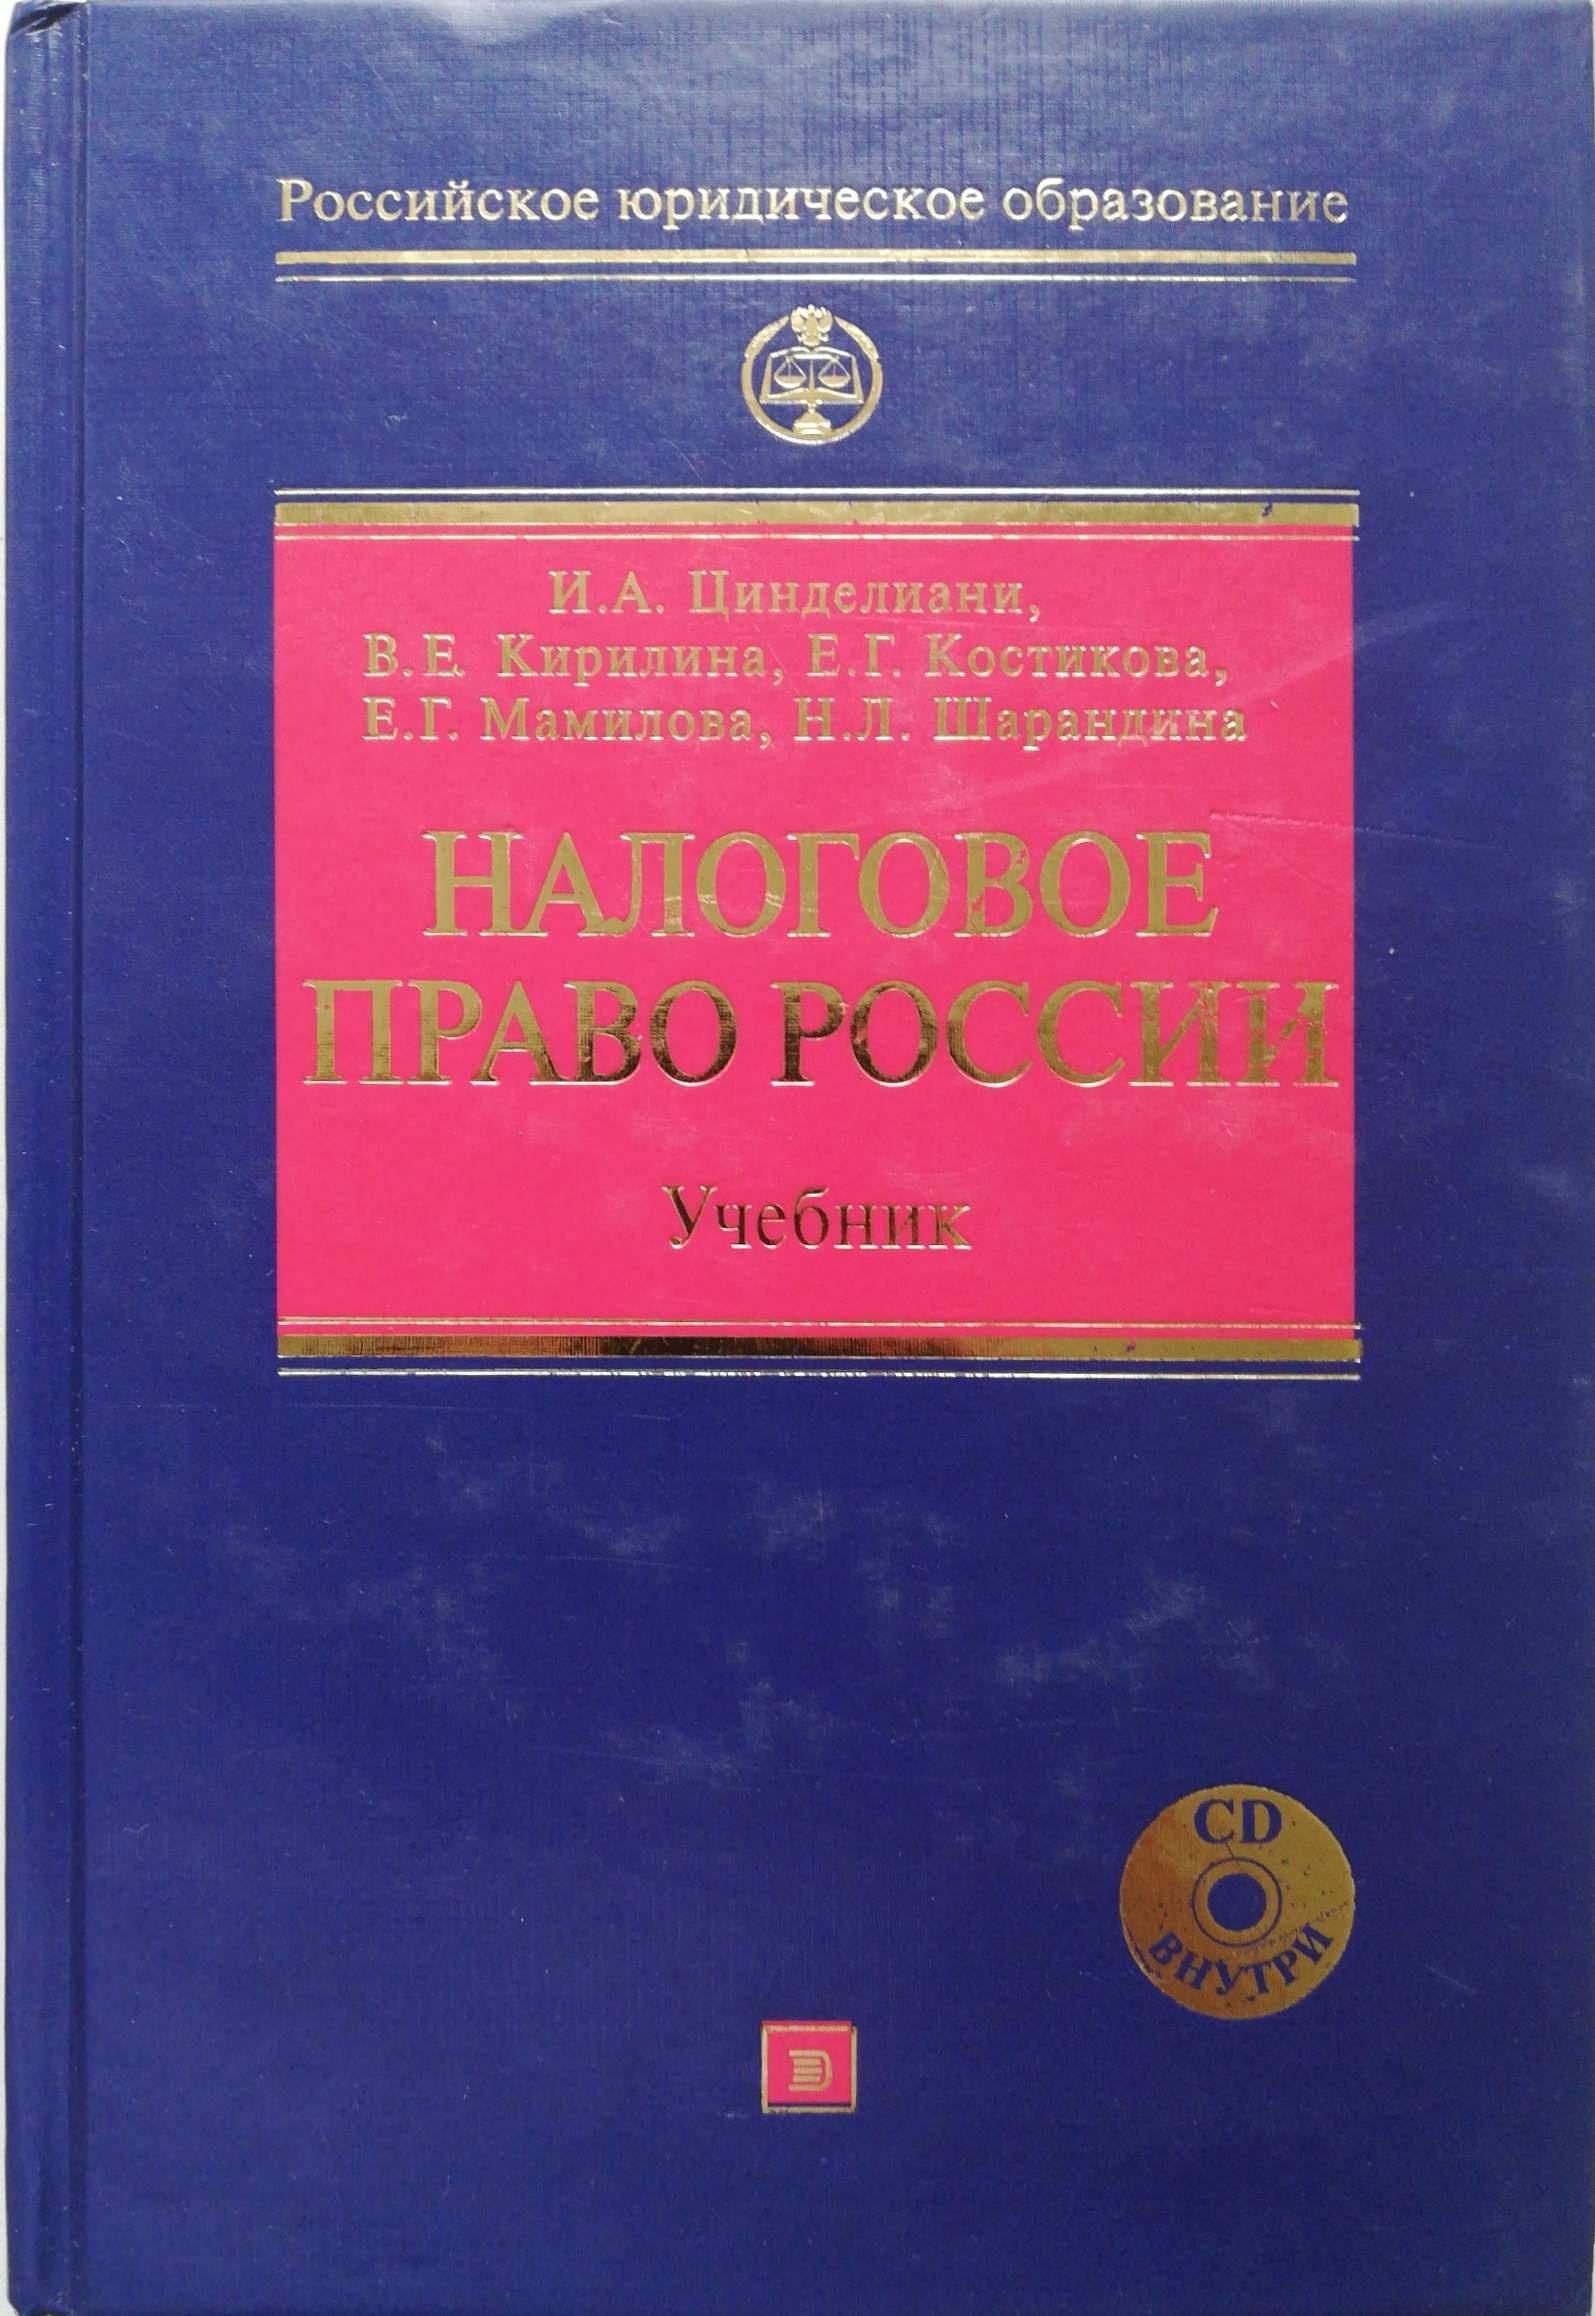 Цинделиани И.А. Налоговое право России (+ CD-ROM). Учебник